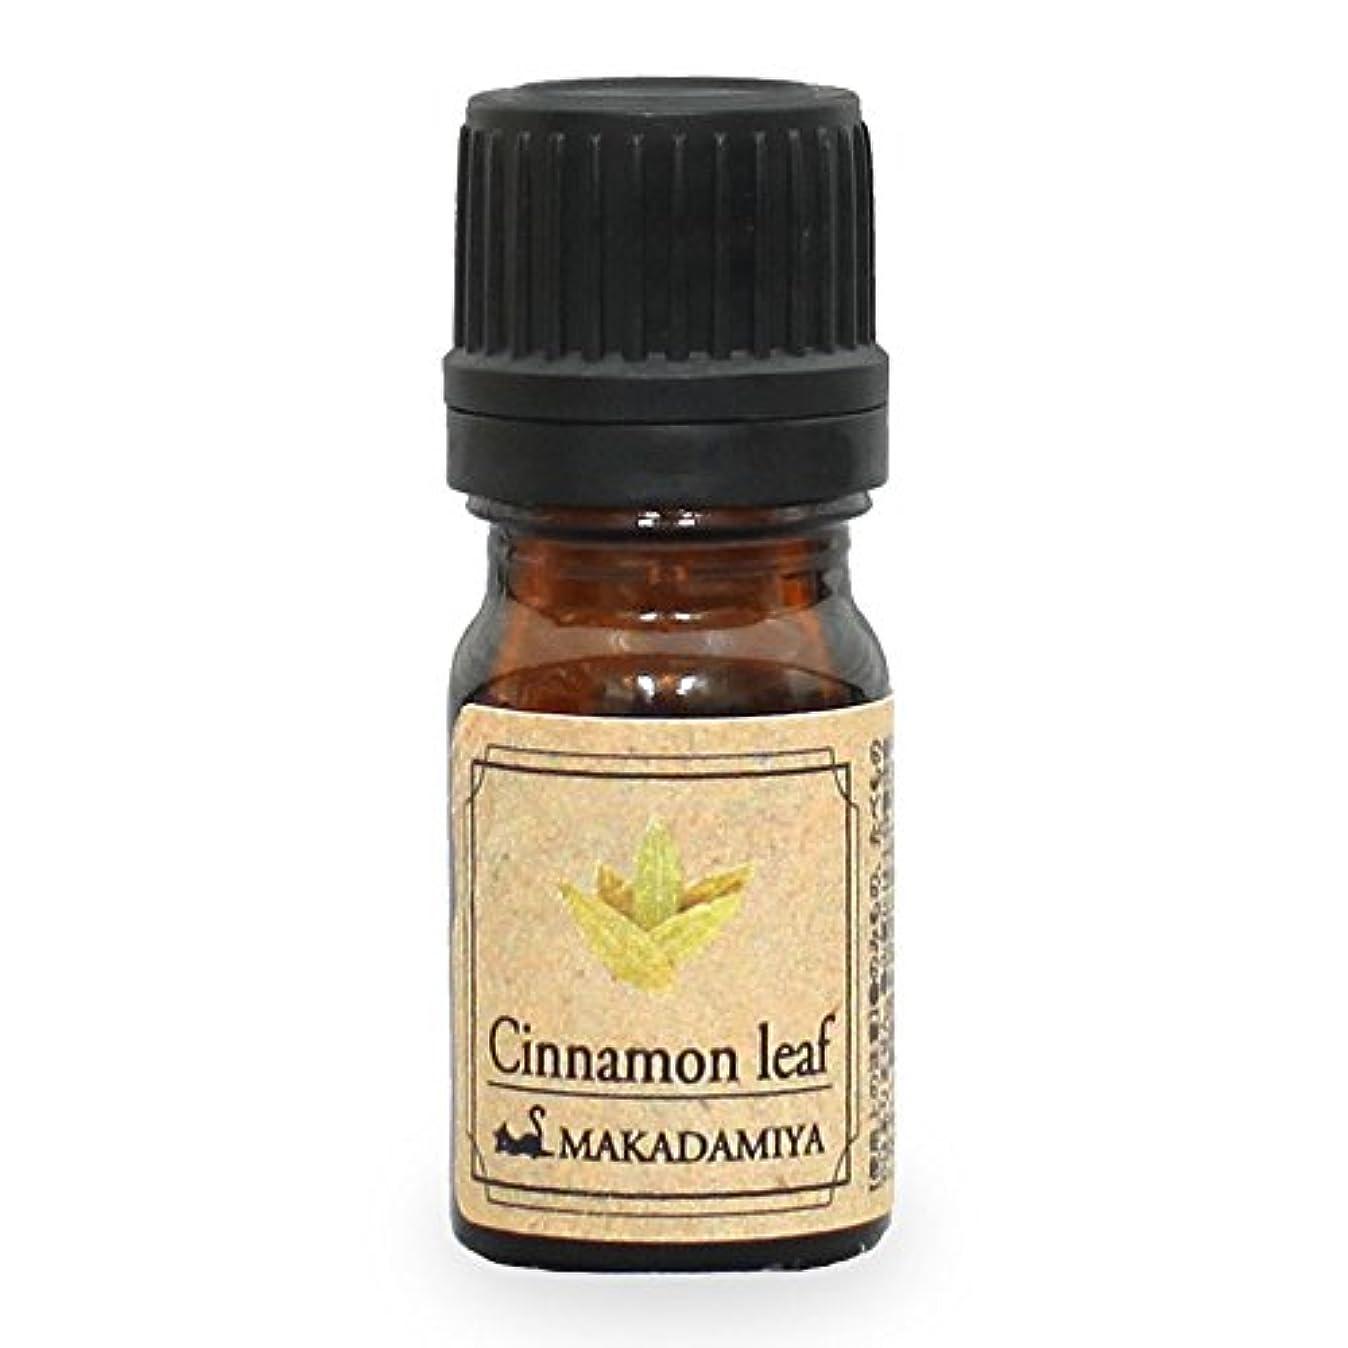 チューリップストローク爵シナモンリーフ5ml天然100%植物性エッセンシャルオイル(精油)アロマオイルアロママッサージアロマテラピーaroma Cinnamon leaf